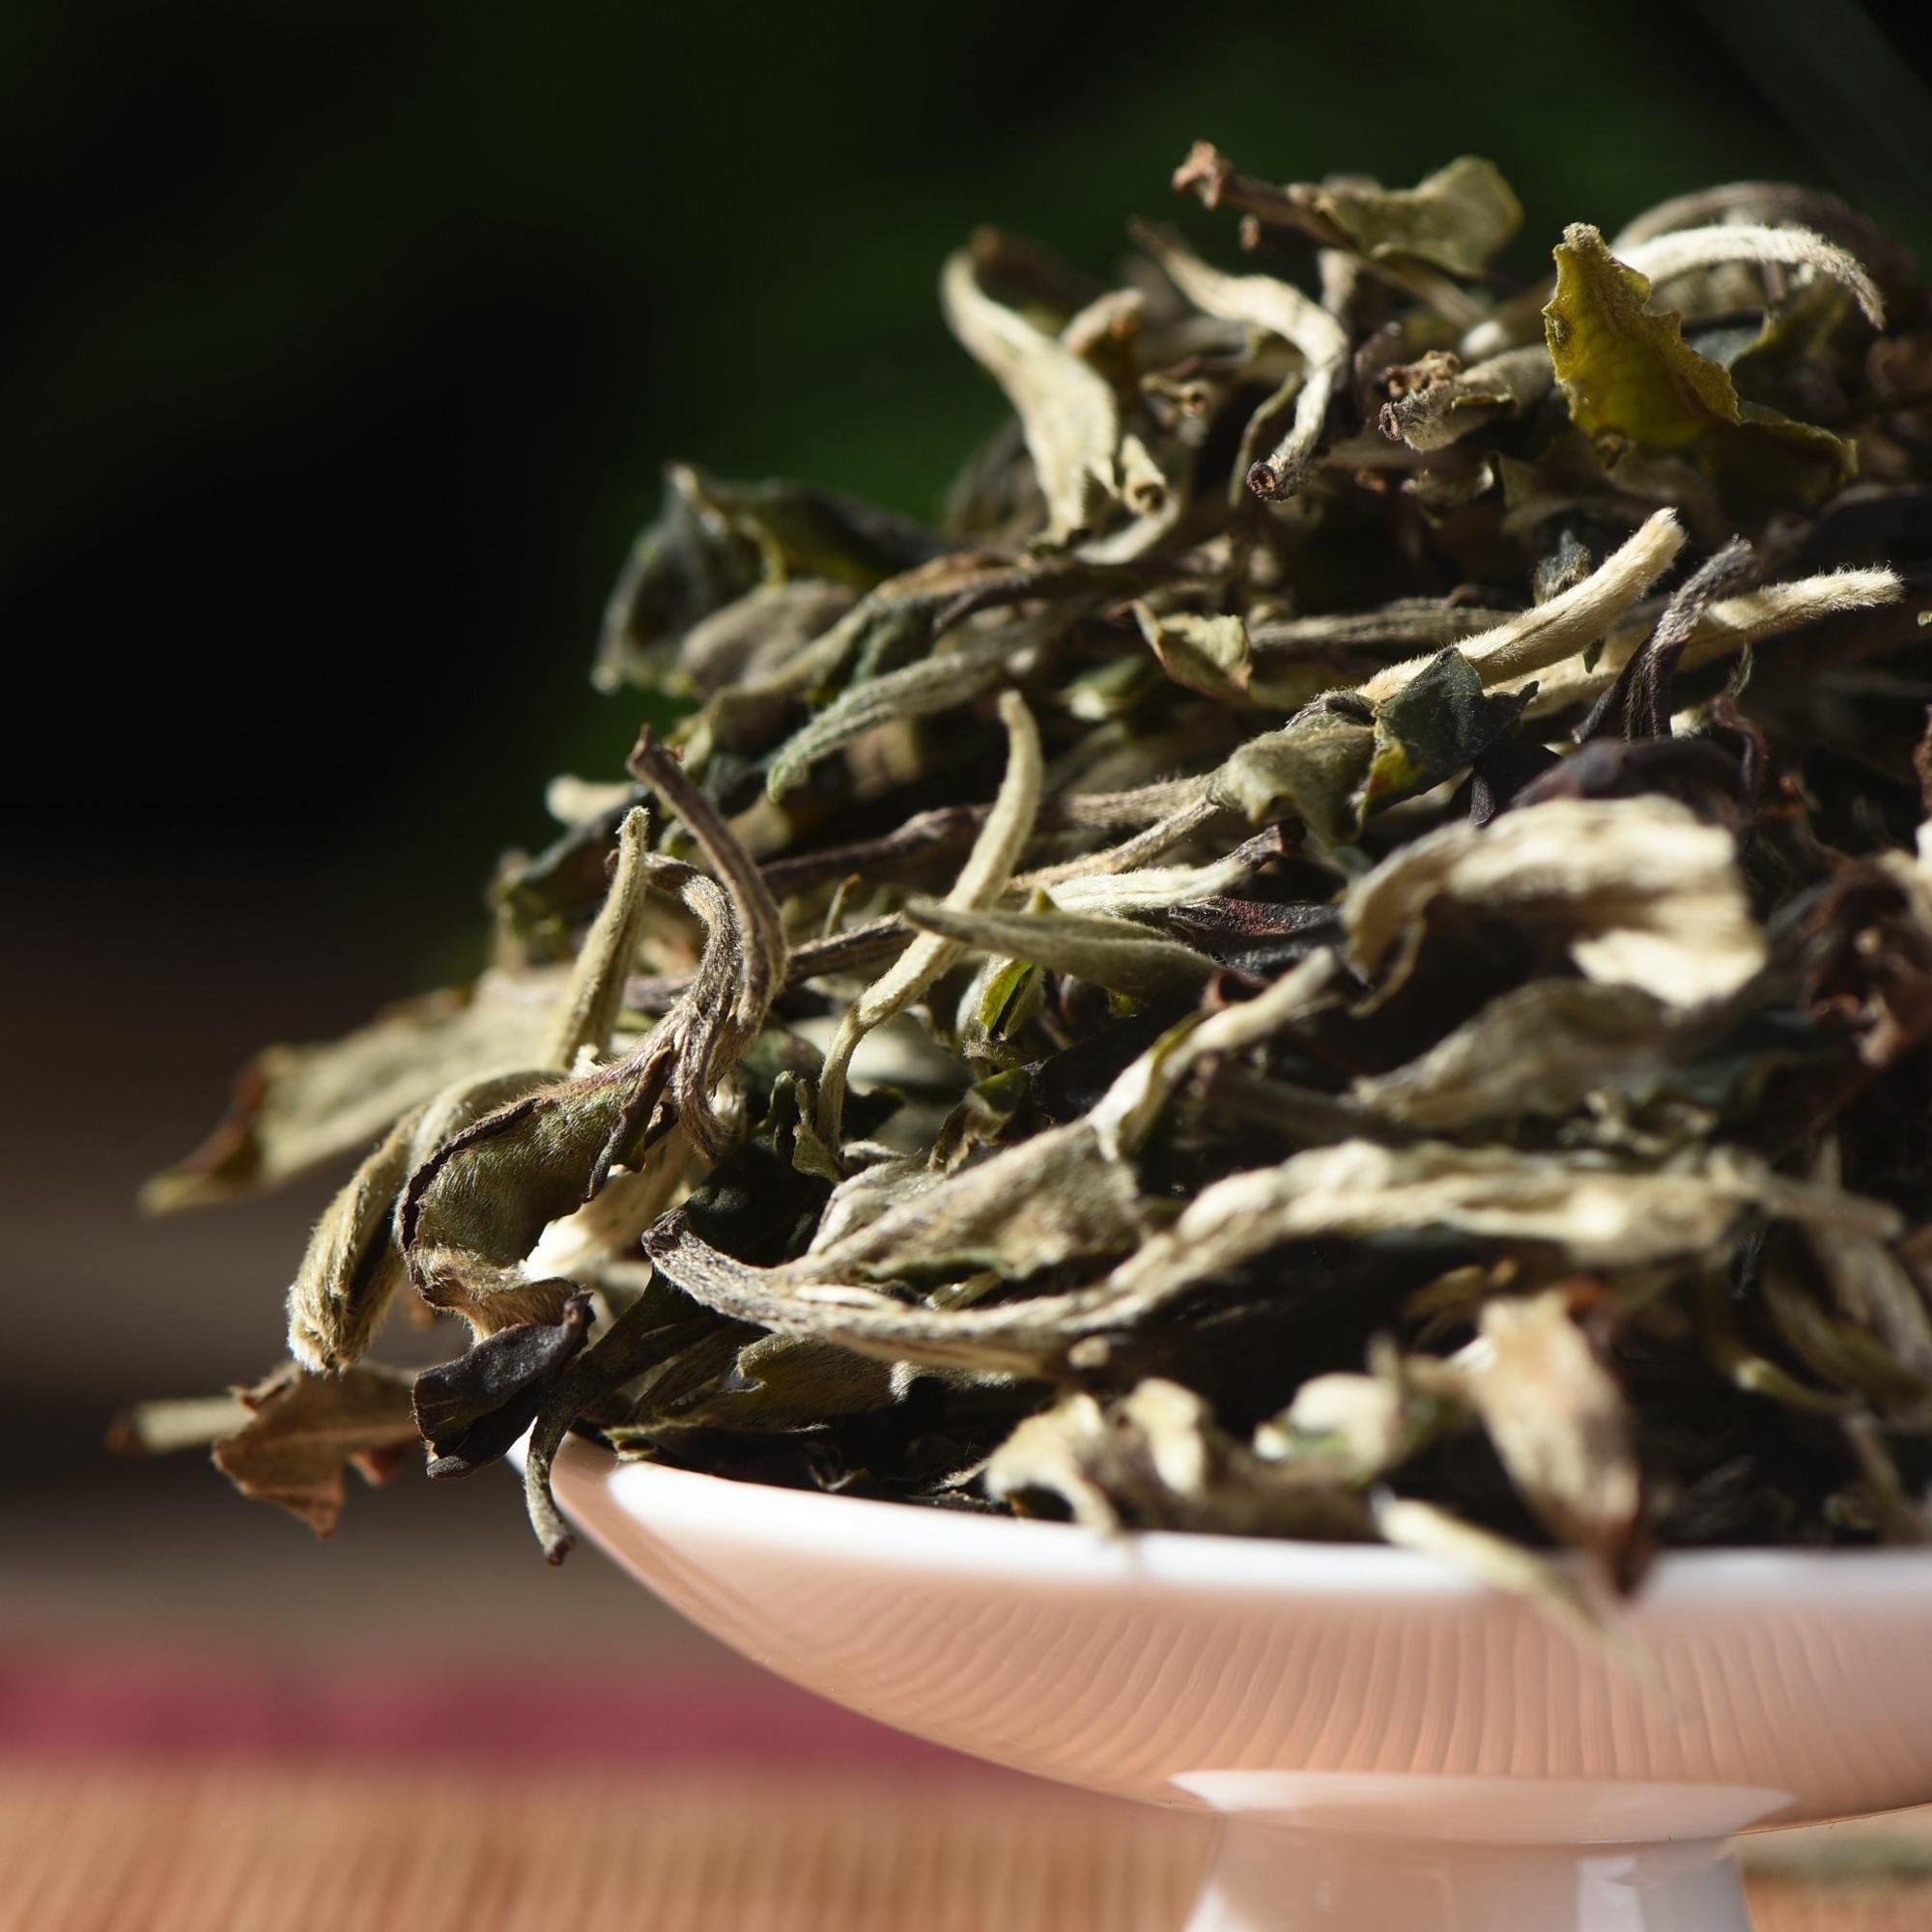 Yunnan seven tea cake 357g white tea cake shelf life for 10 years - 4uTea | 4uTea.com